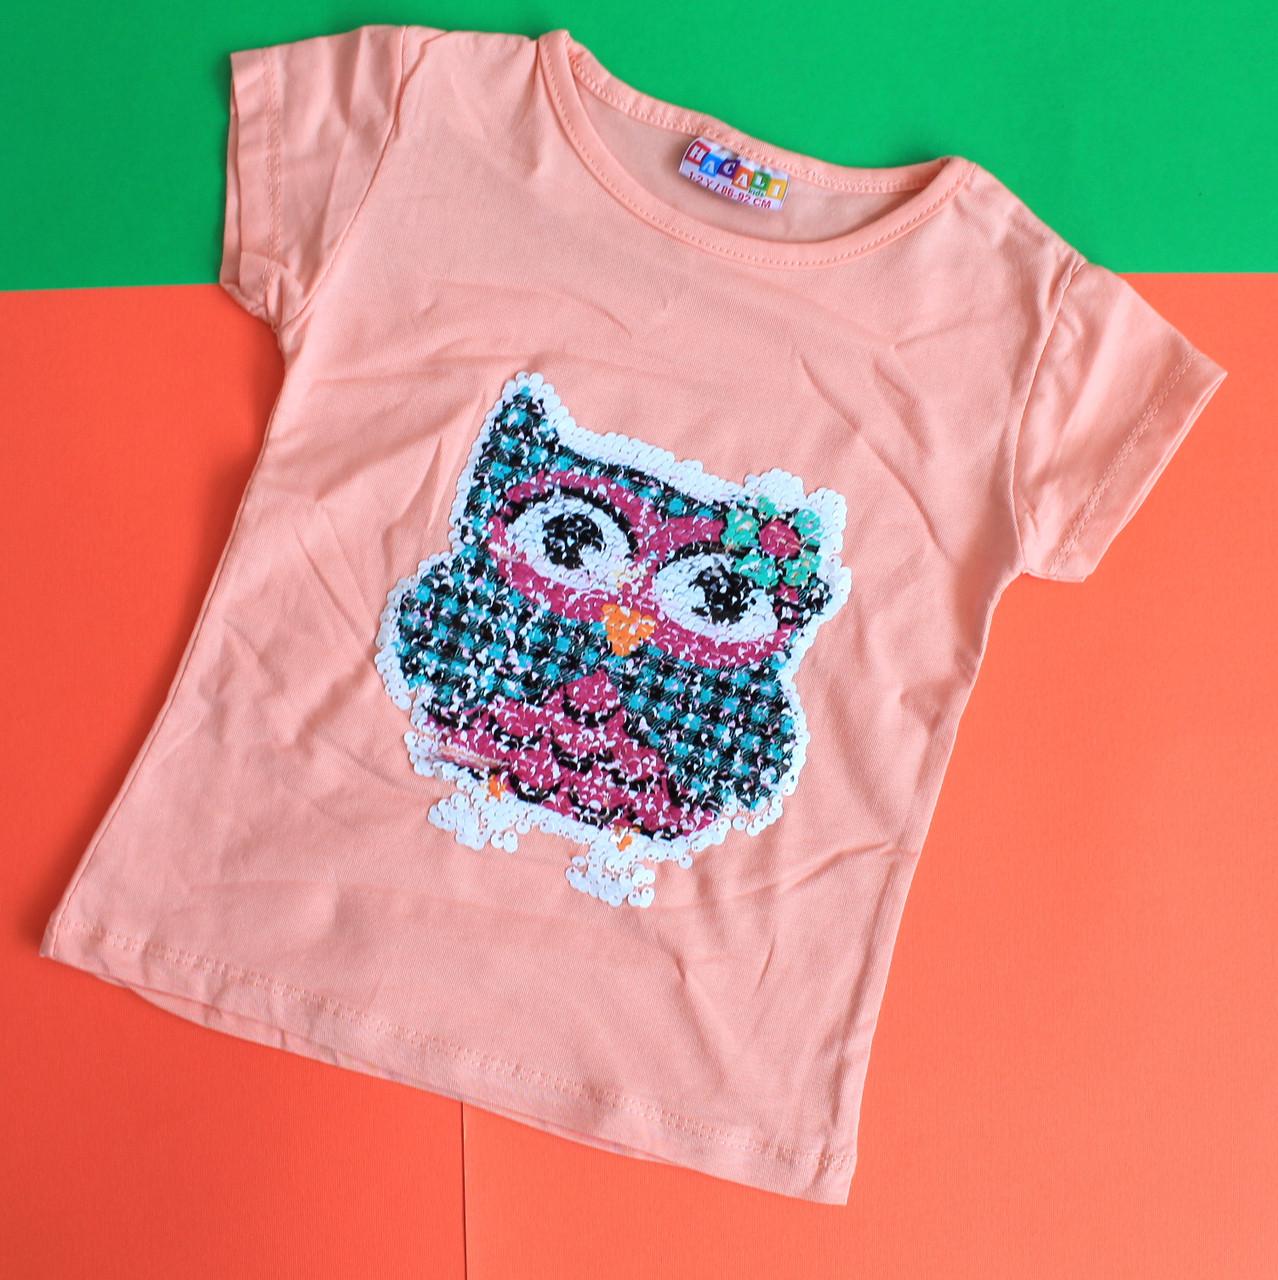 Футболка дитяча для дівчинки кольорові паєтки Совушка розмір 1-2 років